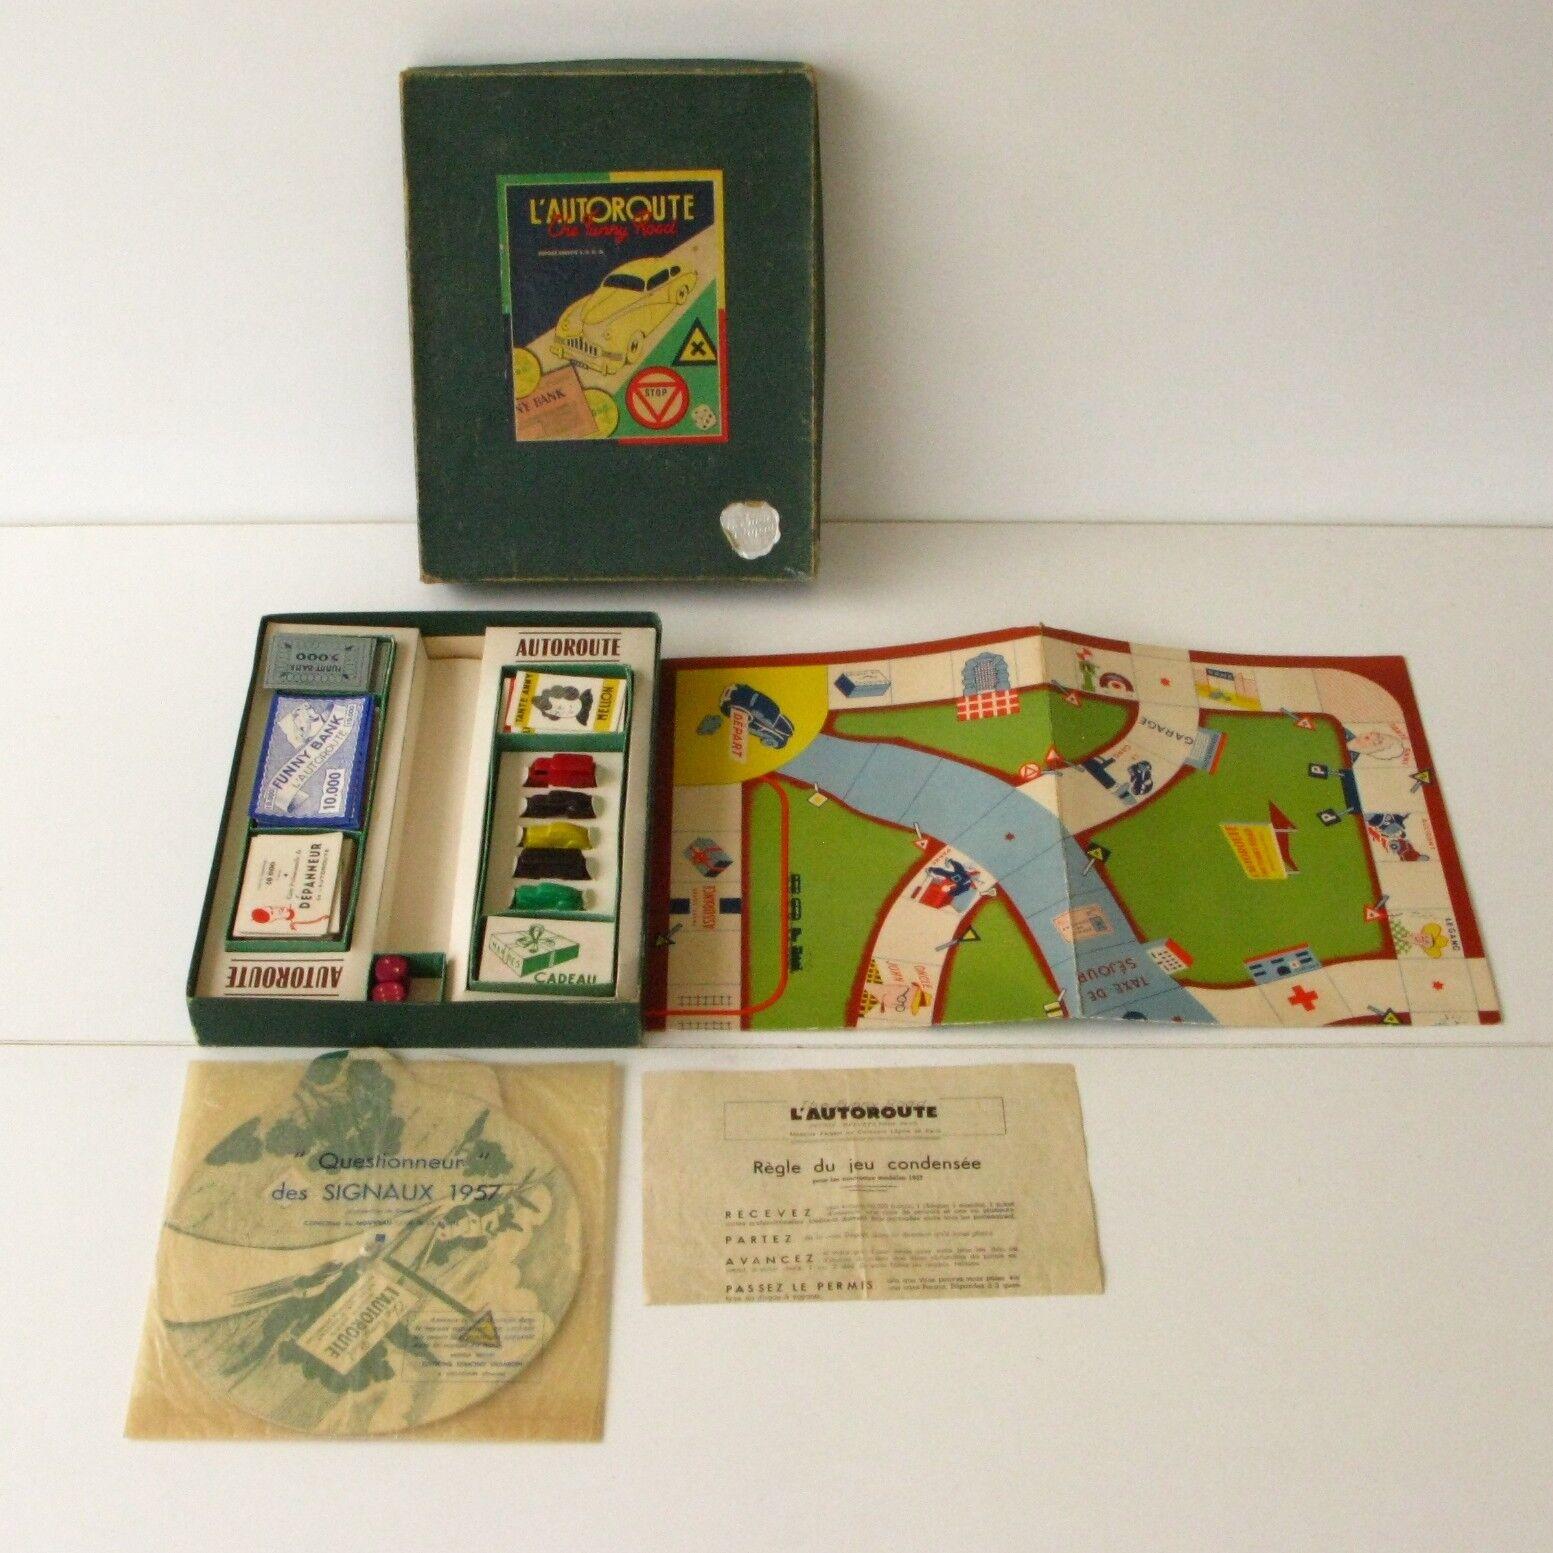 Ancien jeu de Société - The Funny Road l'AUTgoldUTE - Dujardin 1957 - Complet